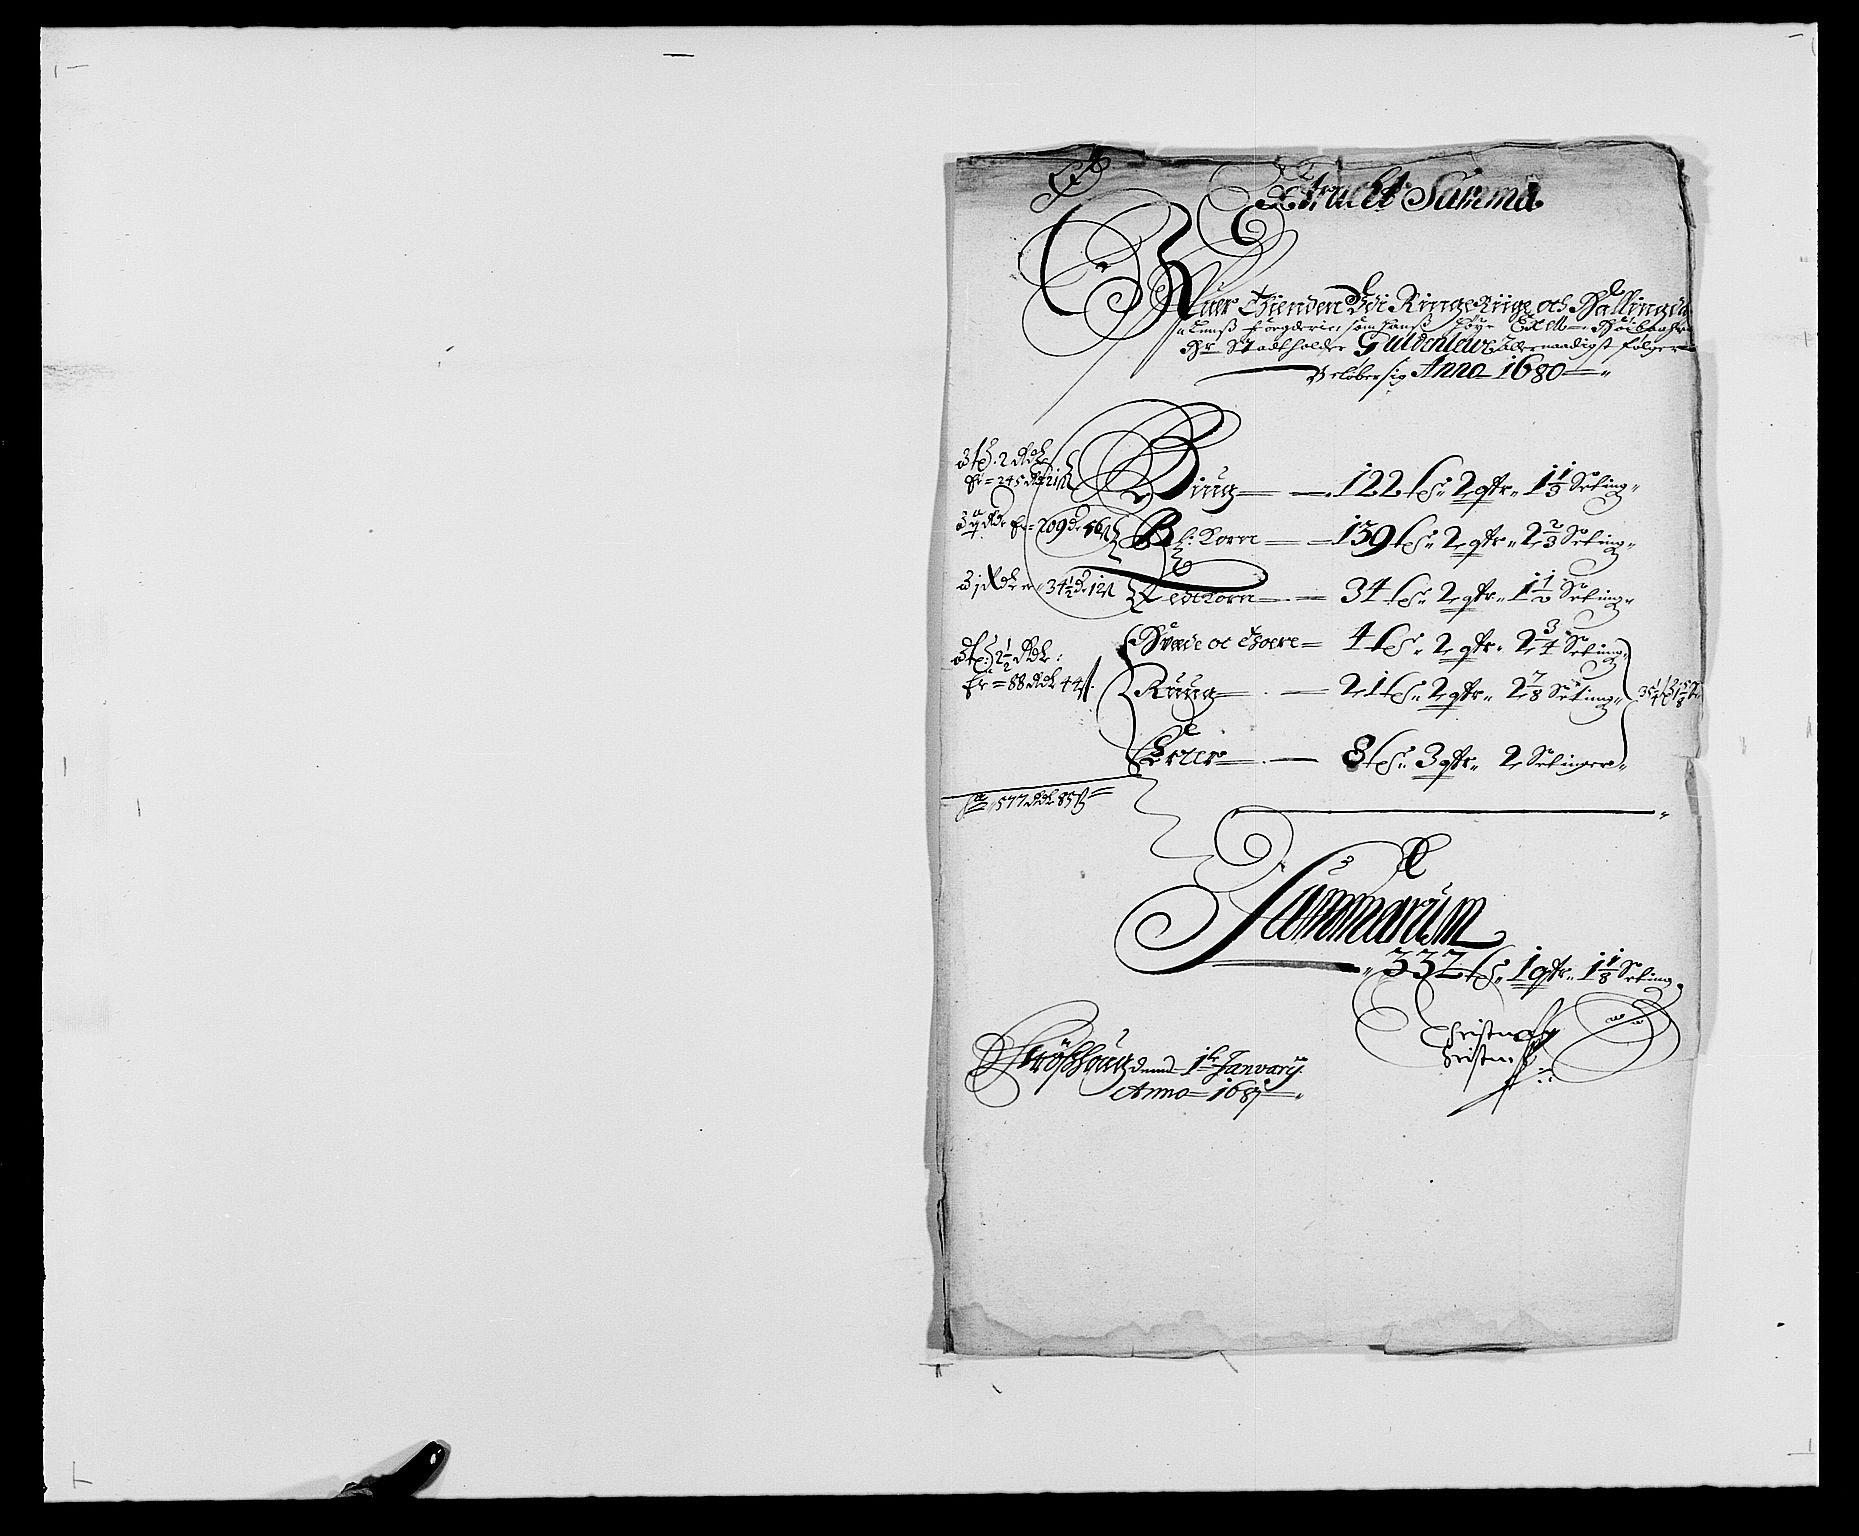 RA, Rentekammeret inntil 1814, Reviderte regnskaper, Fogderegnskap, R21/L1444: Fogderegnskap Ringerike og Hallingdal, 1680-1681, s. 33